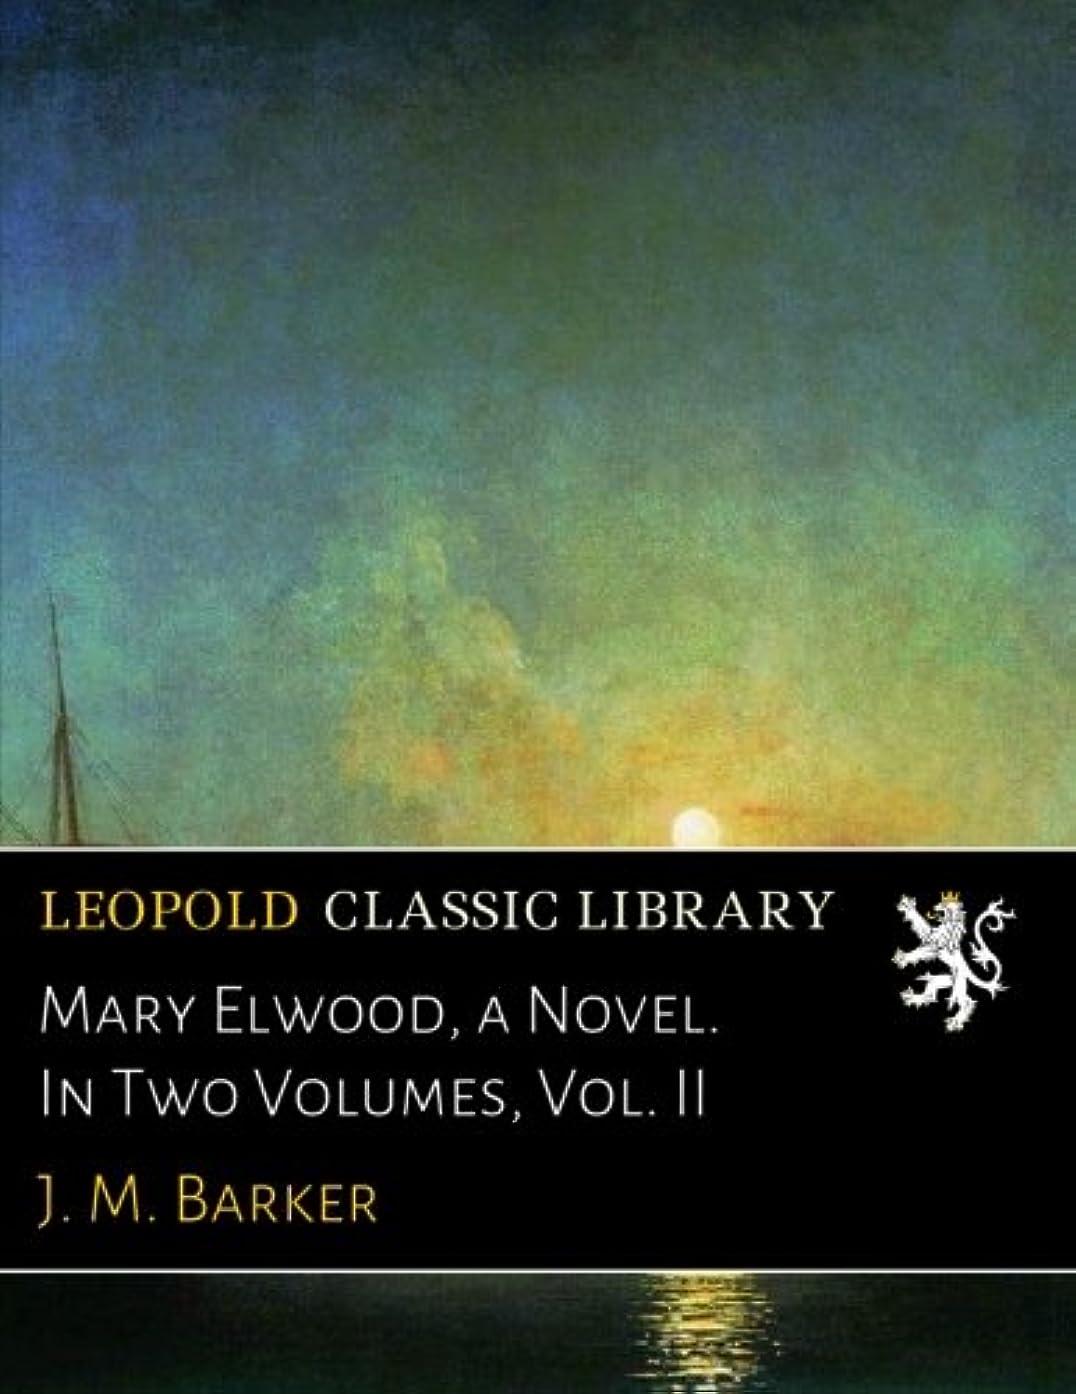 夫婦知覚ランドマークMary Elwood, a Novel. In Two Volumes, Vol. II